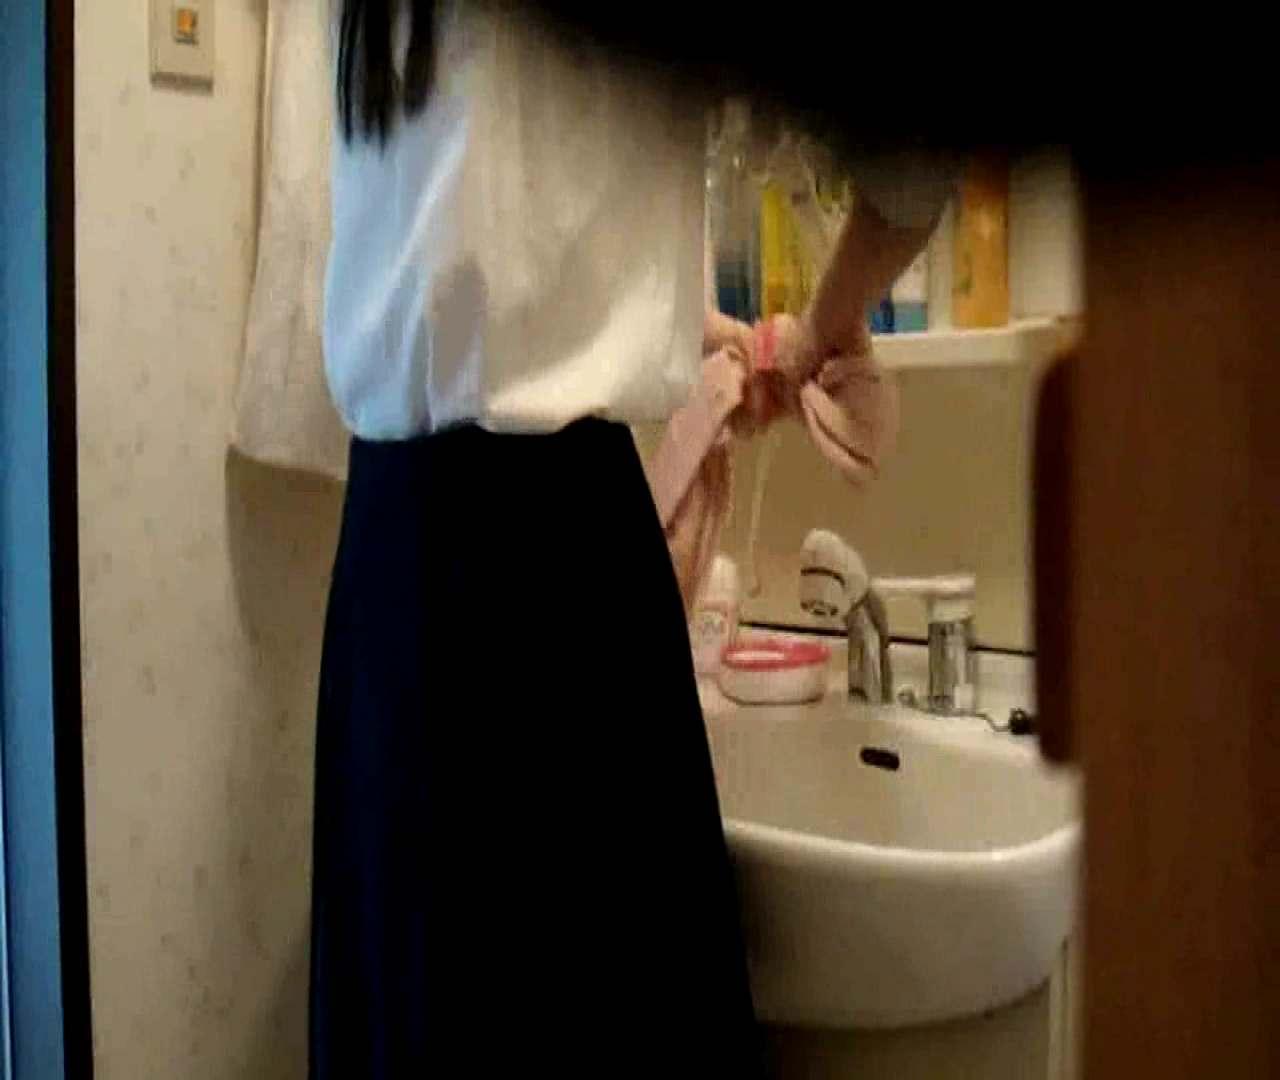 二人とも育てた甲斐がありました… vol.05 まどかが洗顔後にブラを洗濯 盗撮特集   おまんこ  86画像 14